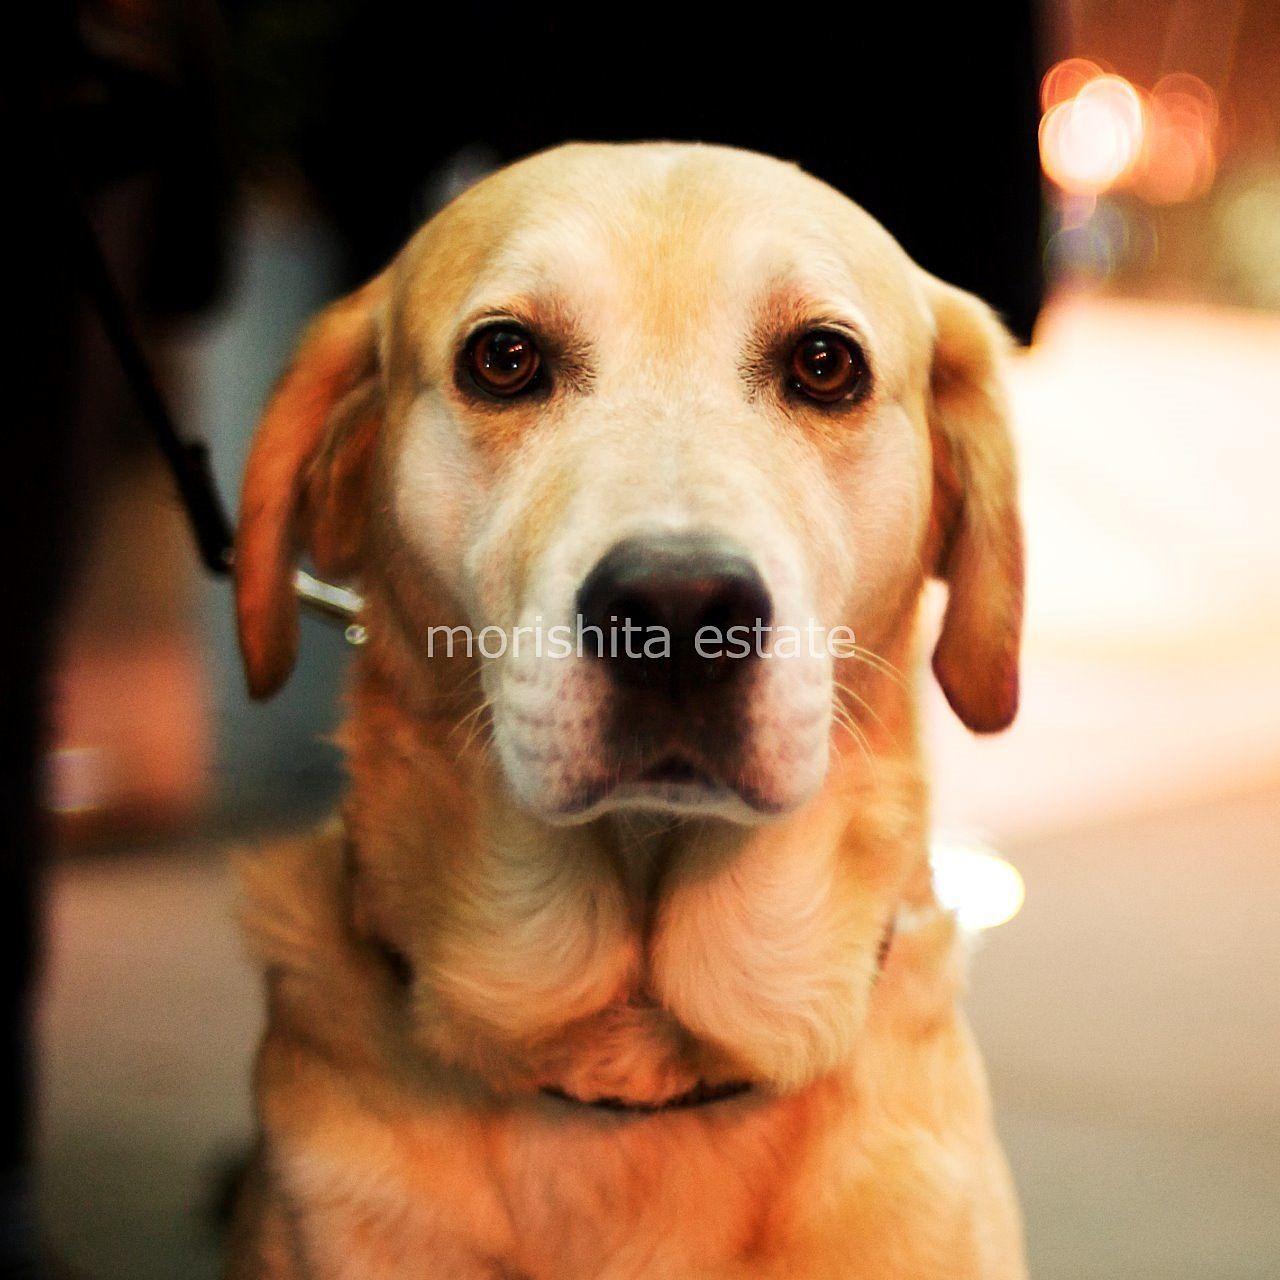 大型犬可物件 ラブラドールレトリバー 写真